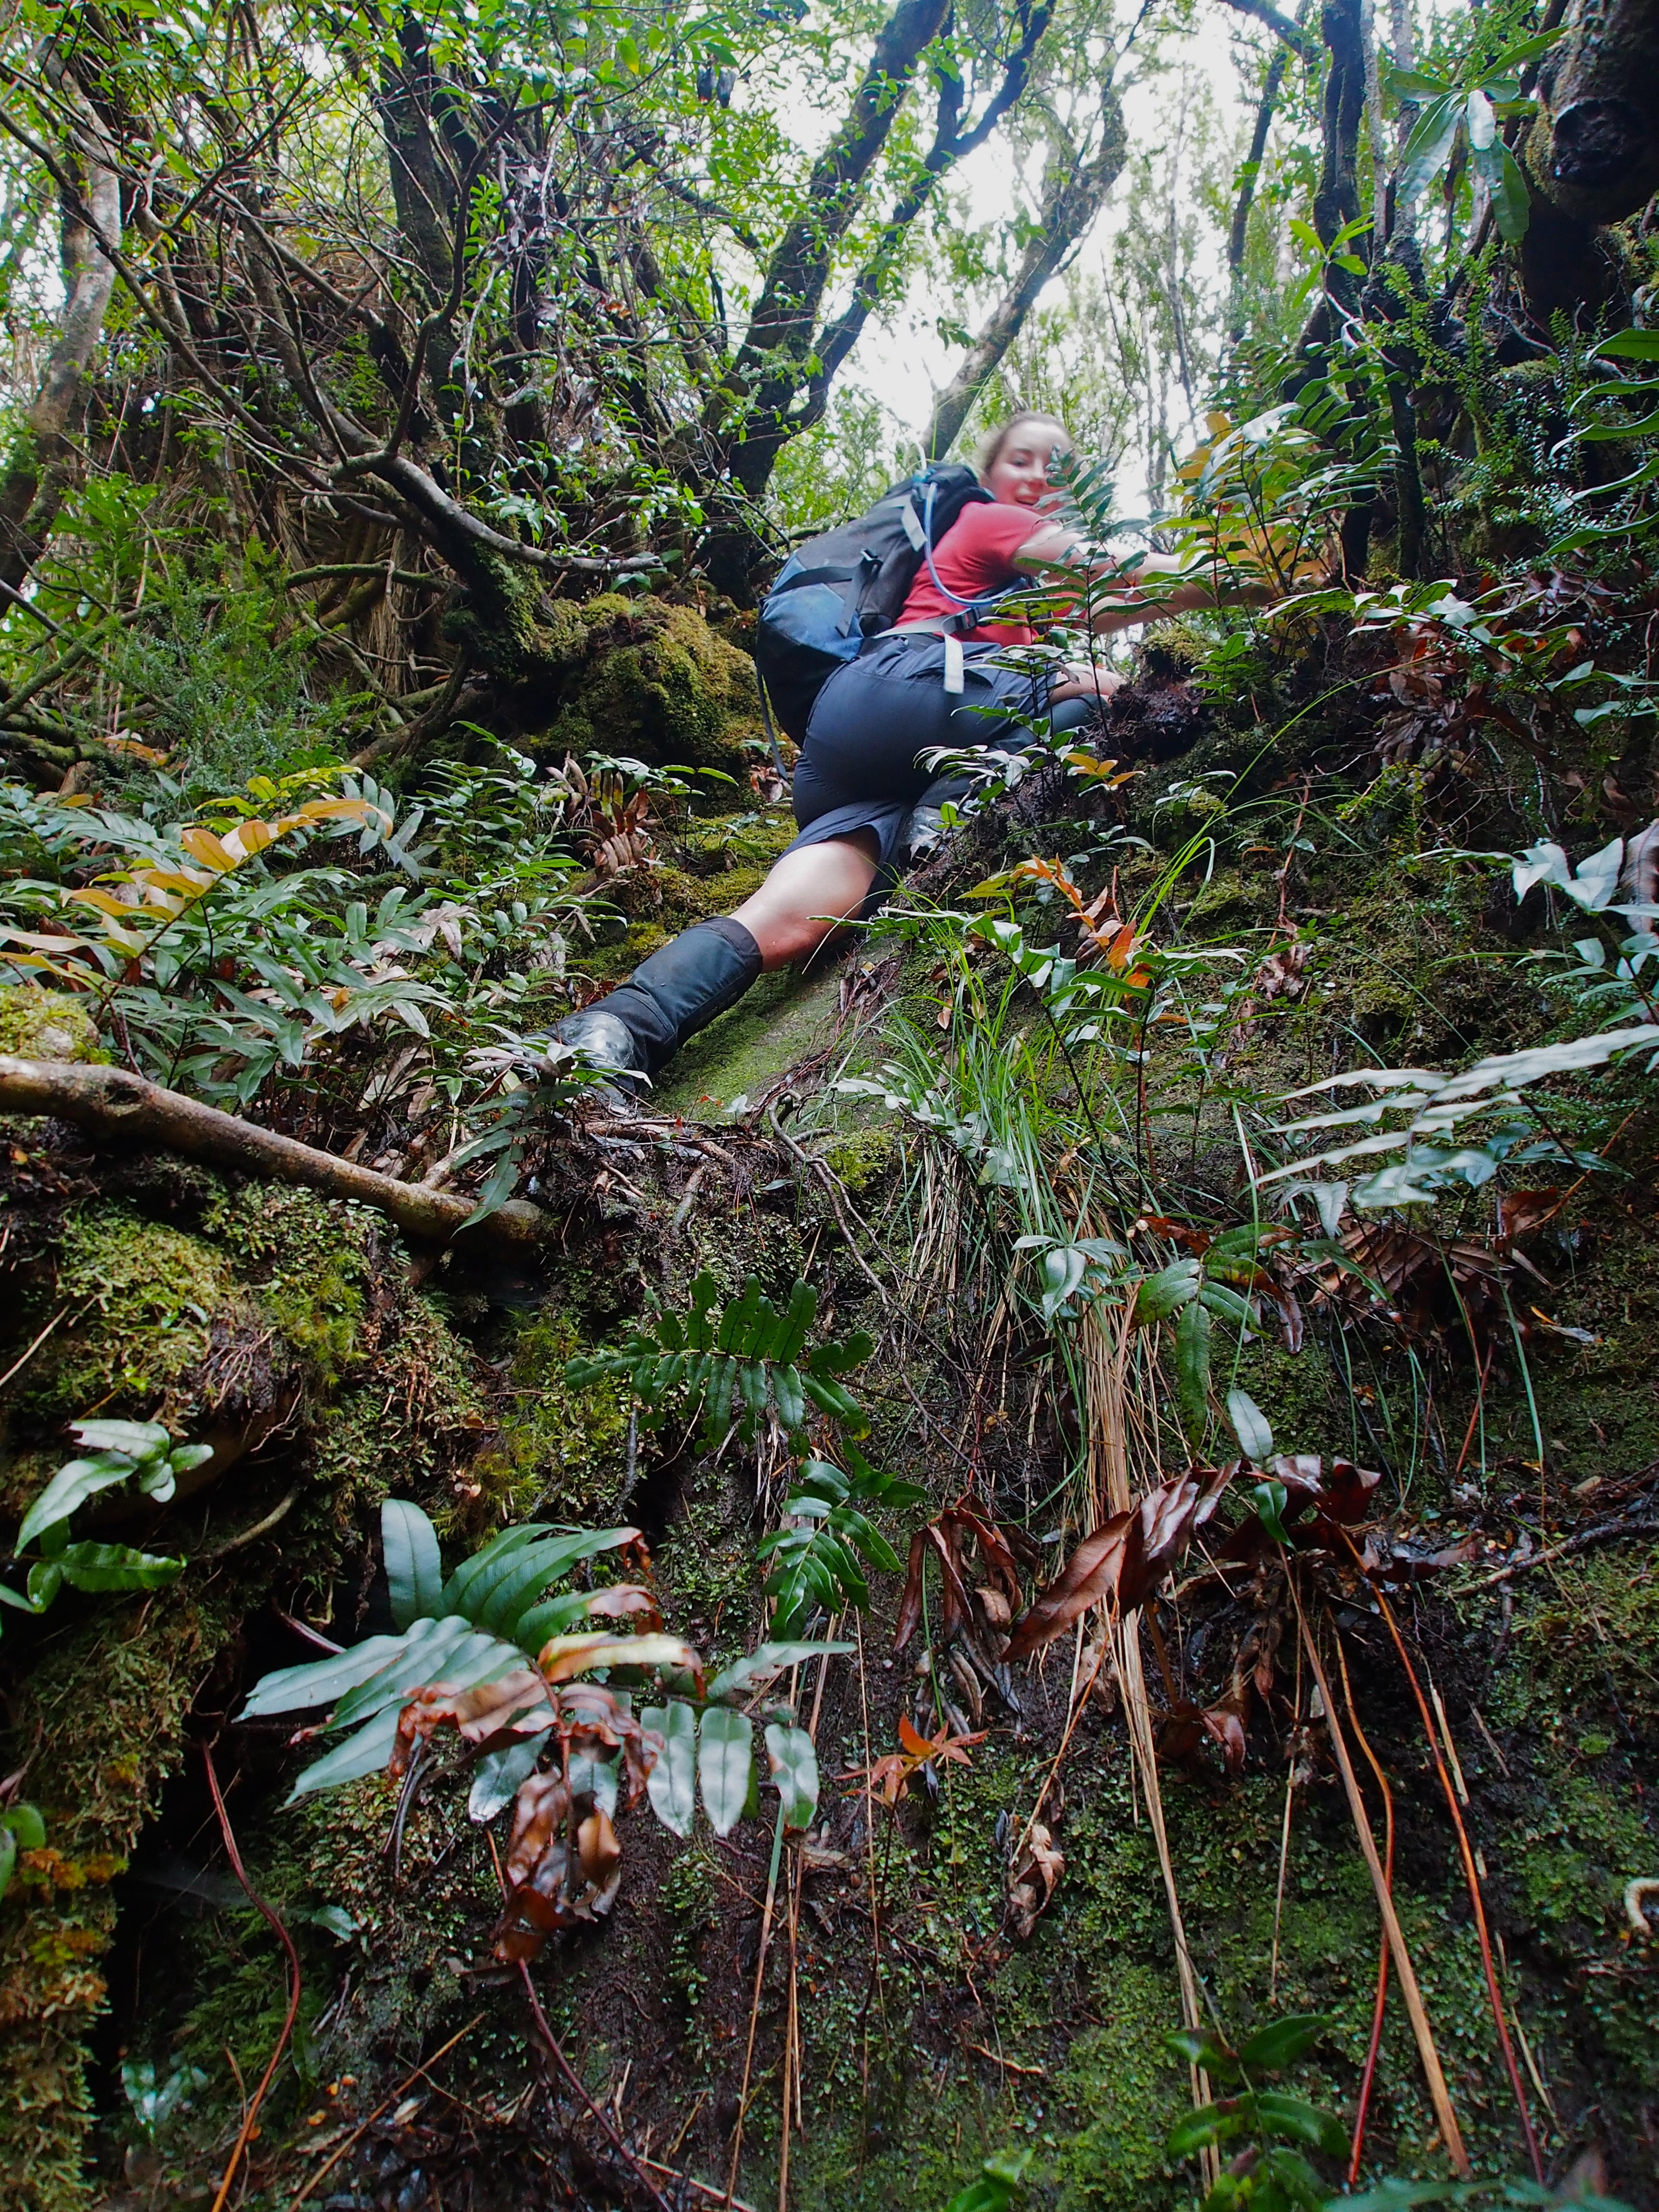 Some climby fun